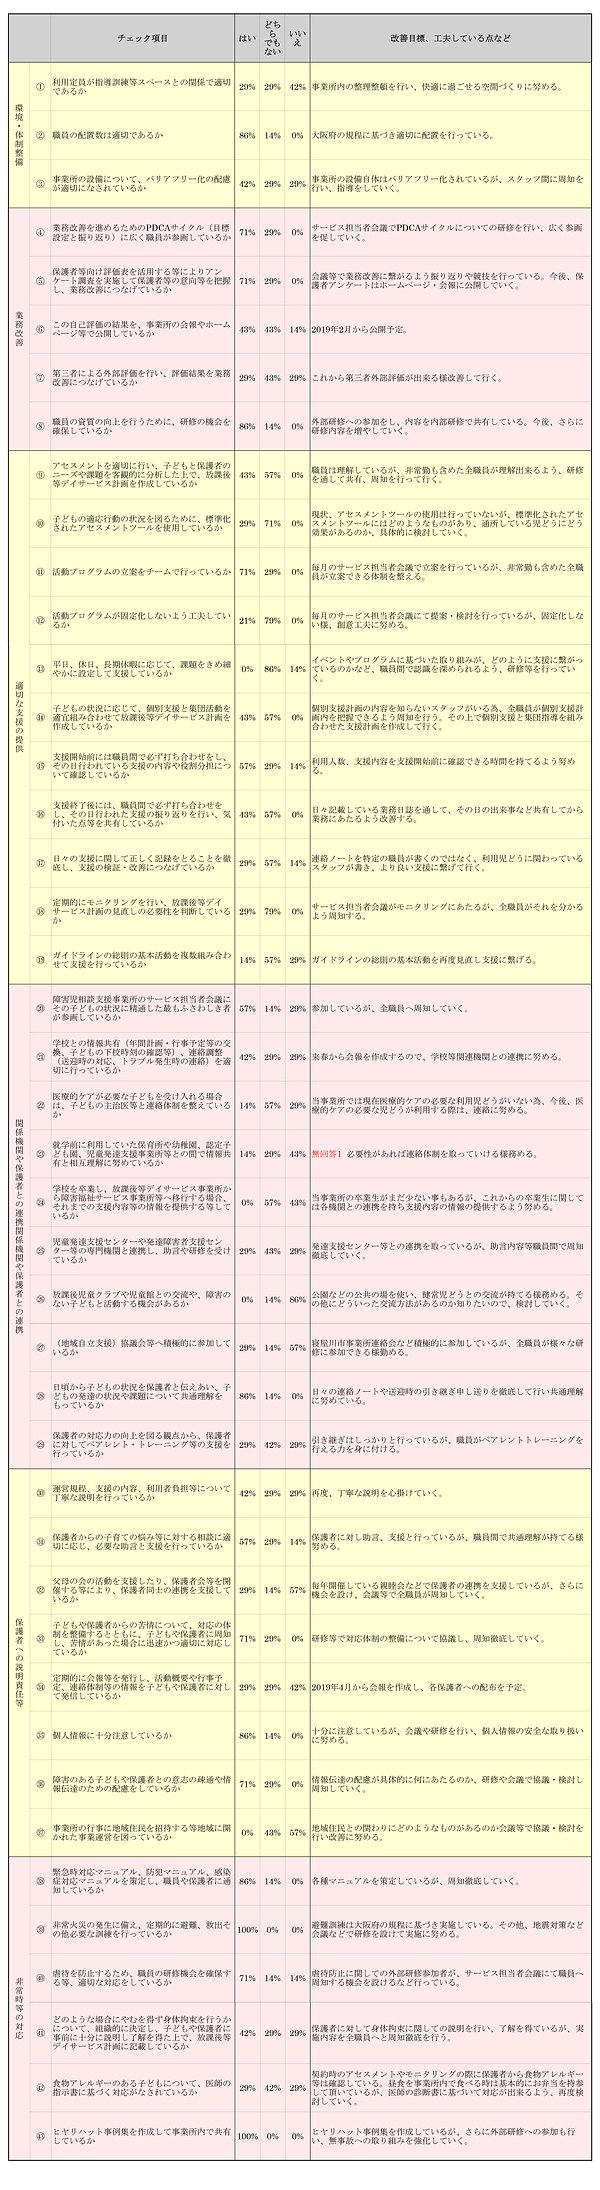 りぼん自己評価表 集計結果分パーセント-5.jpg